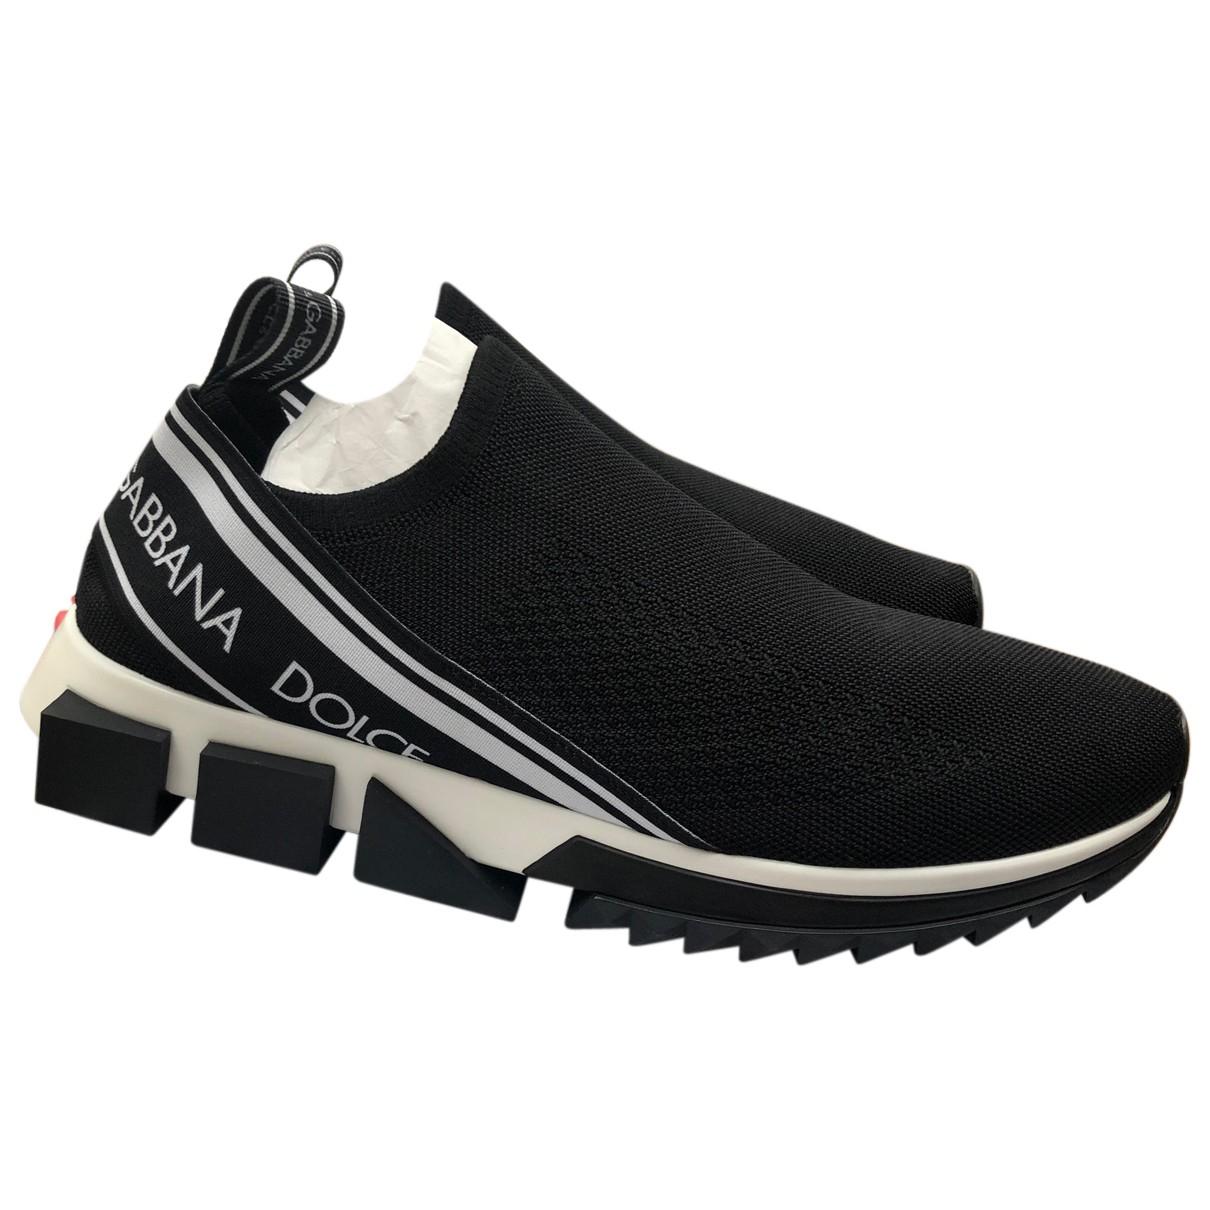 Dolce & Gabbana Sorrento Black Cloth Trainers for Men 41 EU